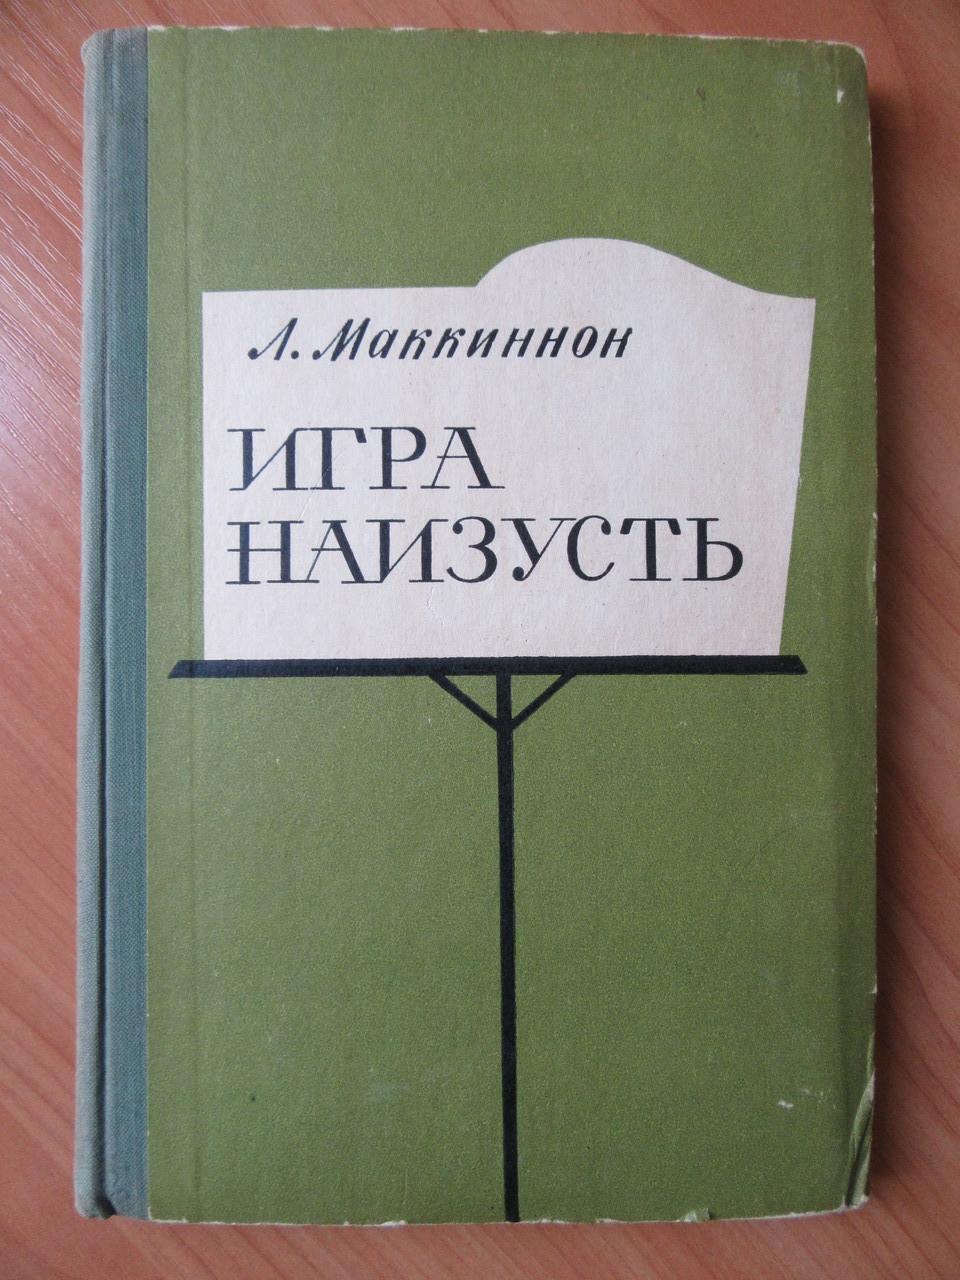 Л.Маккиннон. Игра наизусть. Музыка 1967